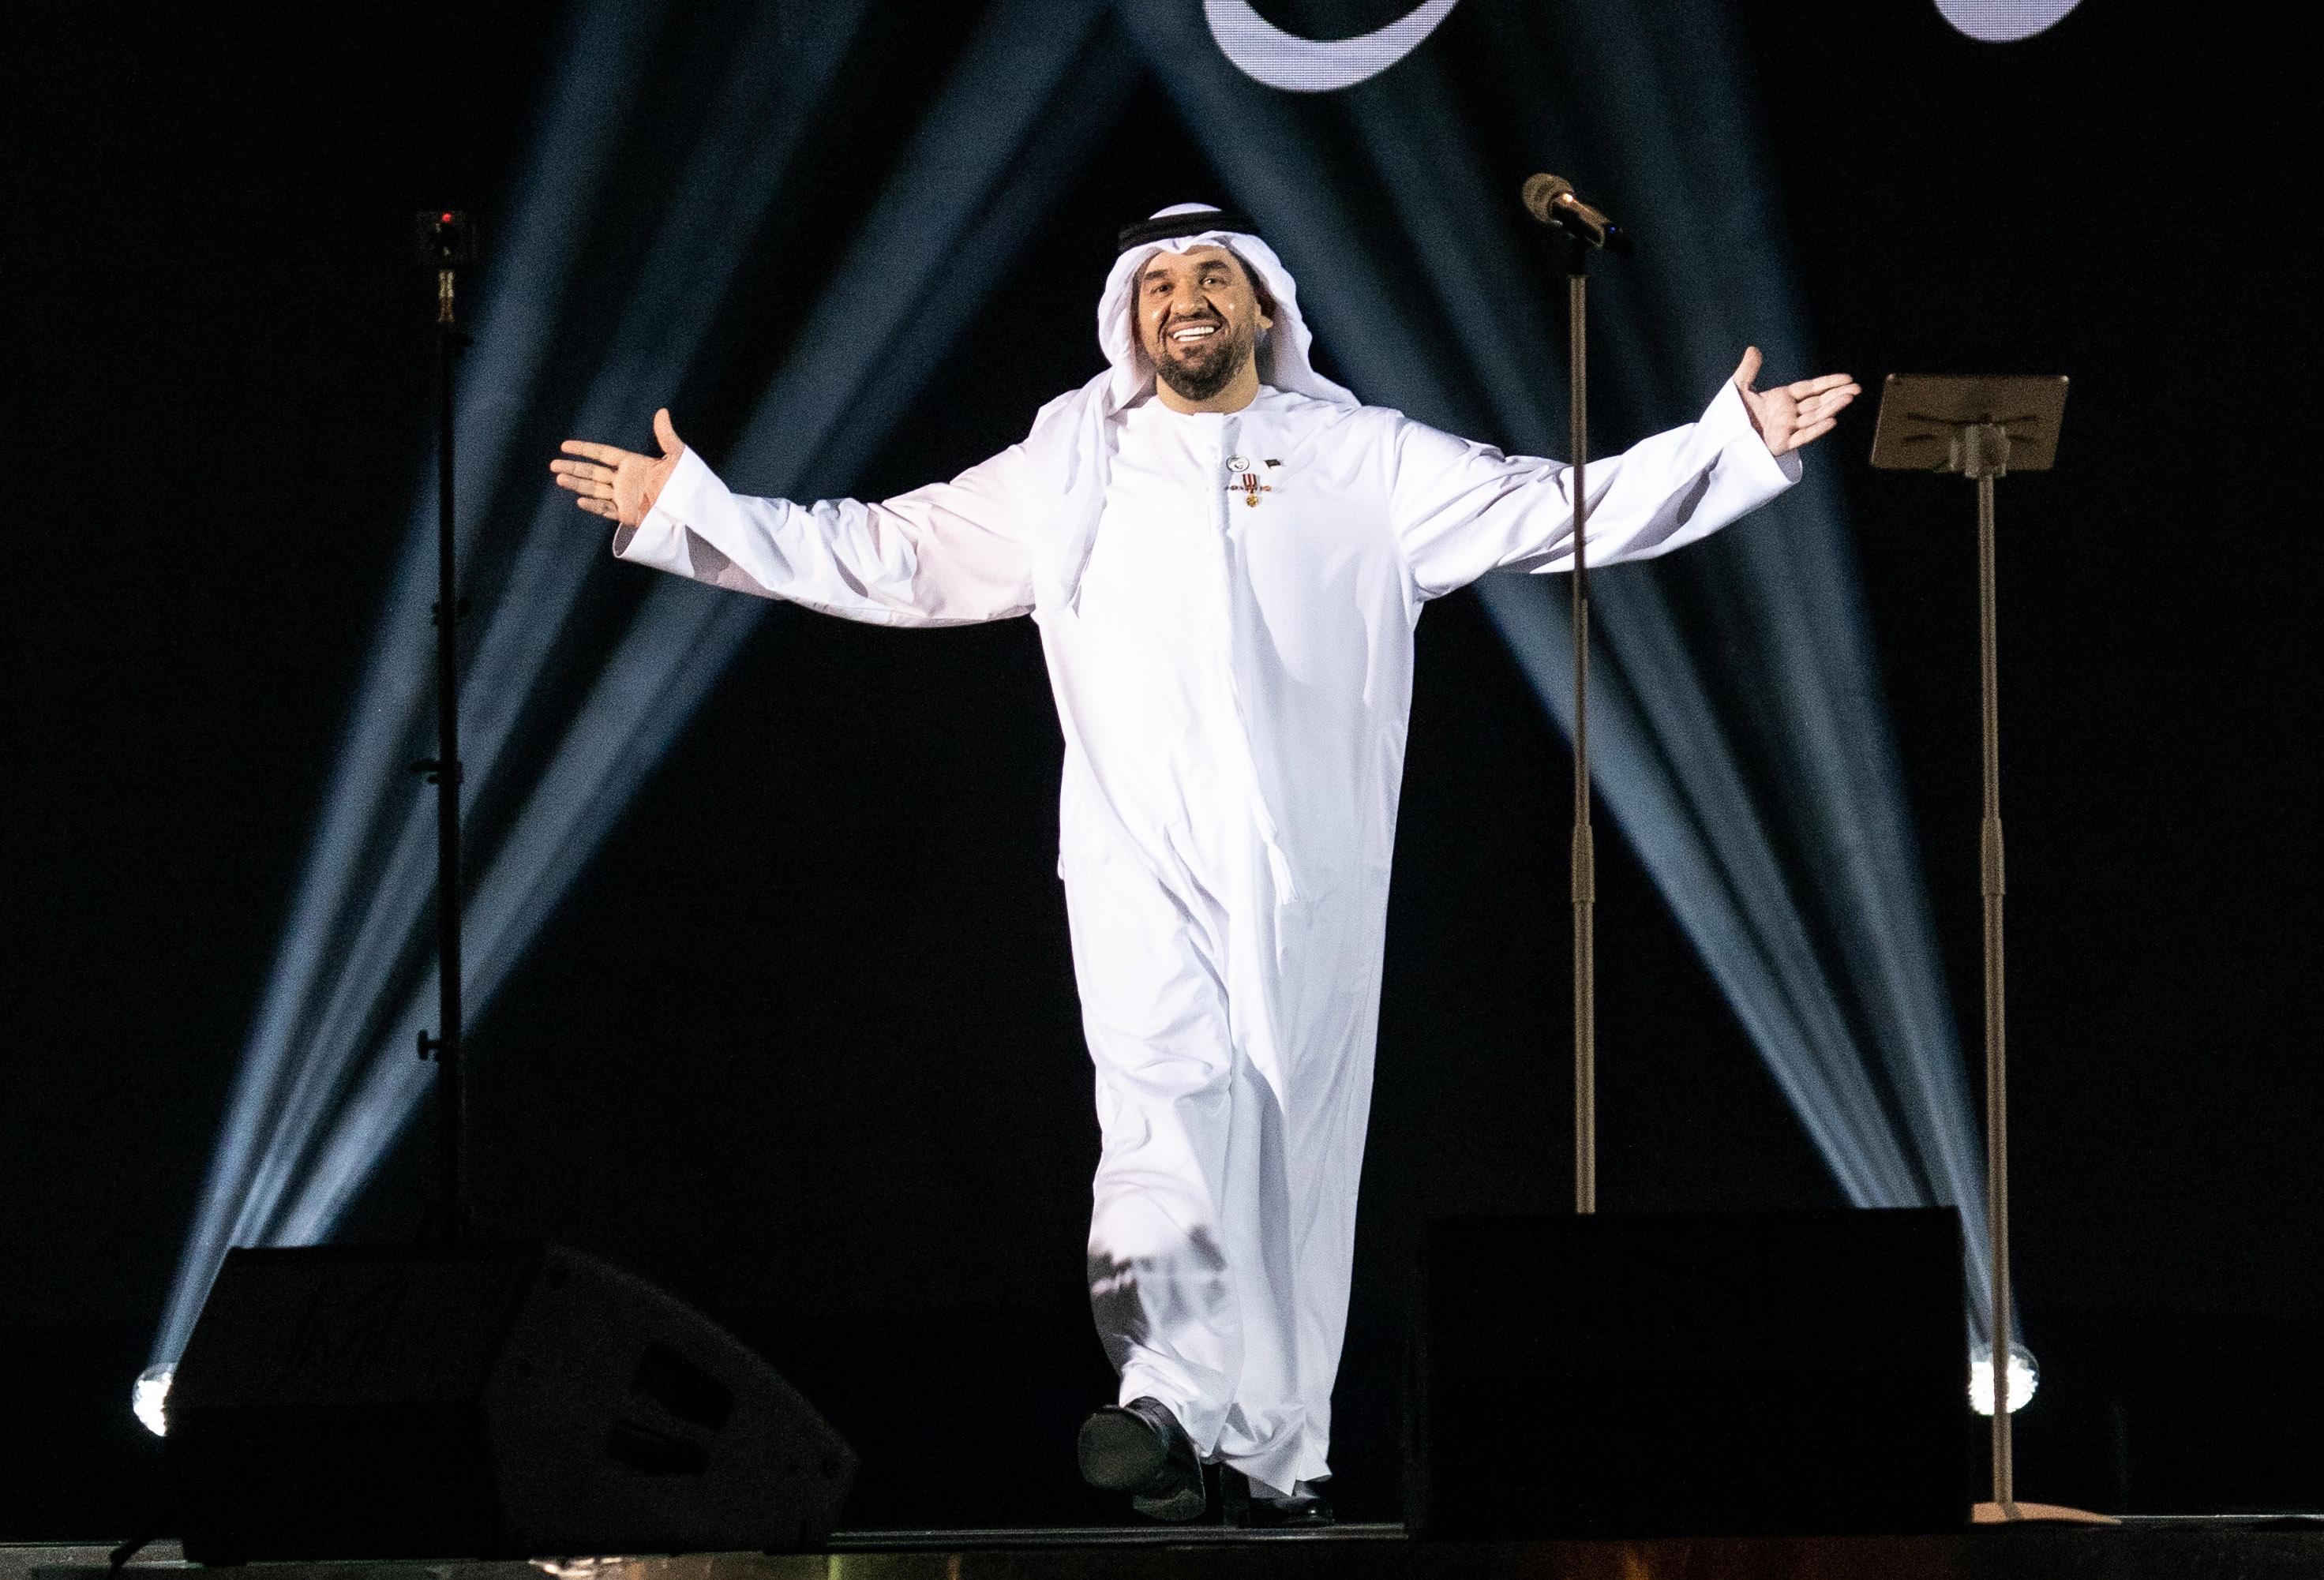 صورة الاميرعبد الرحمن بن مساعد يكرم حسين الجسمي بلقب العبقري جدا